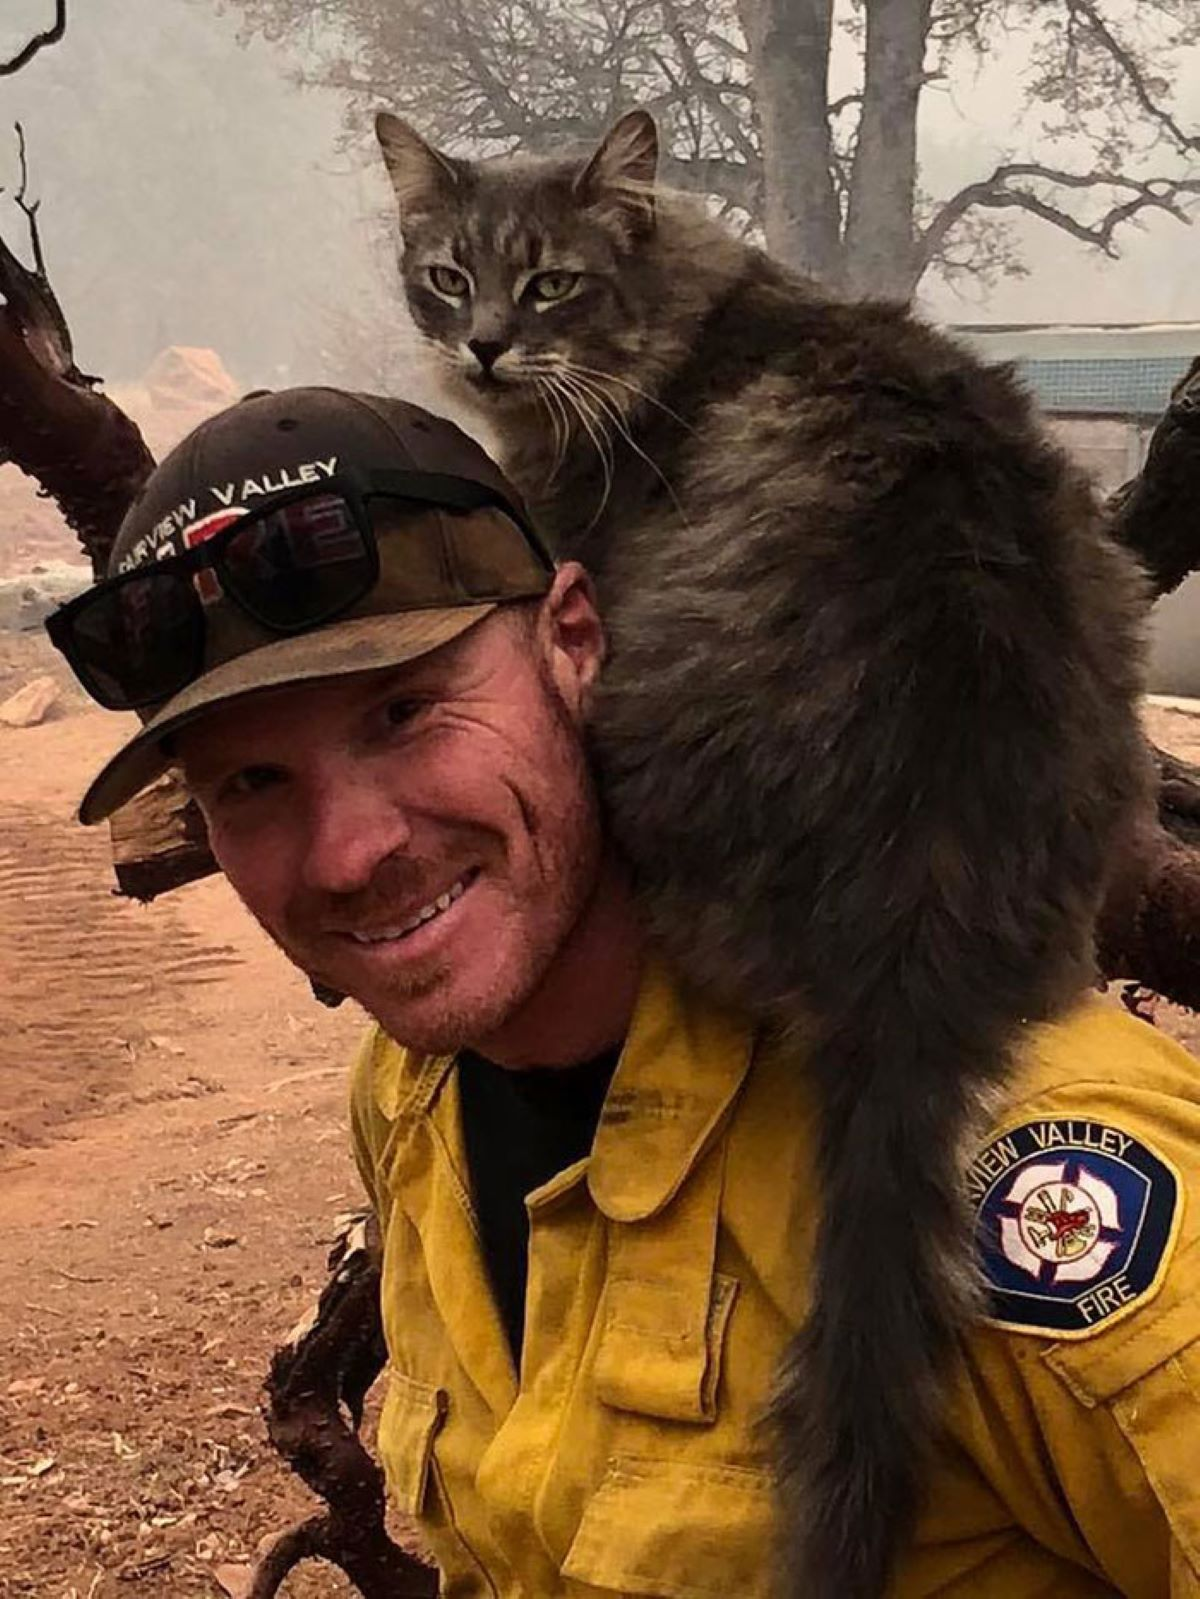 gatta-sulle-spalle-del-pompiere